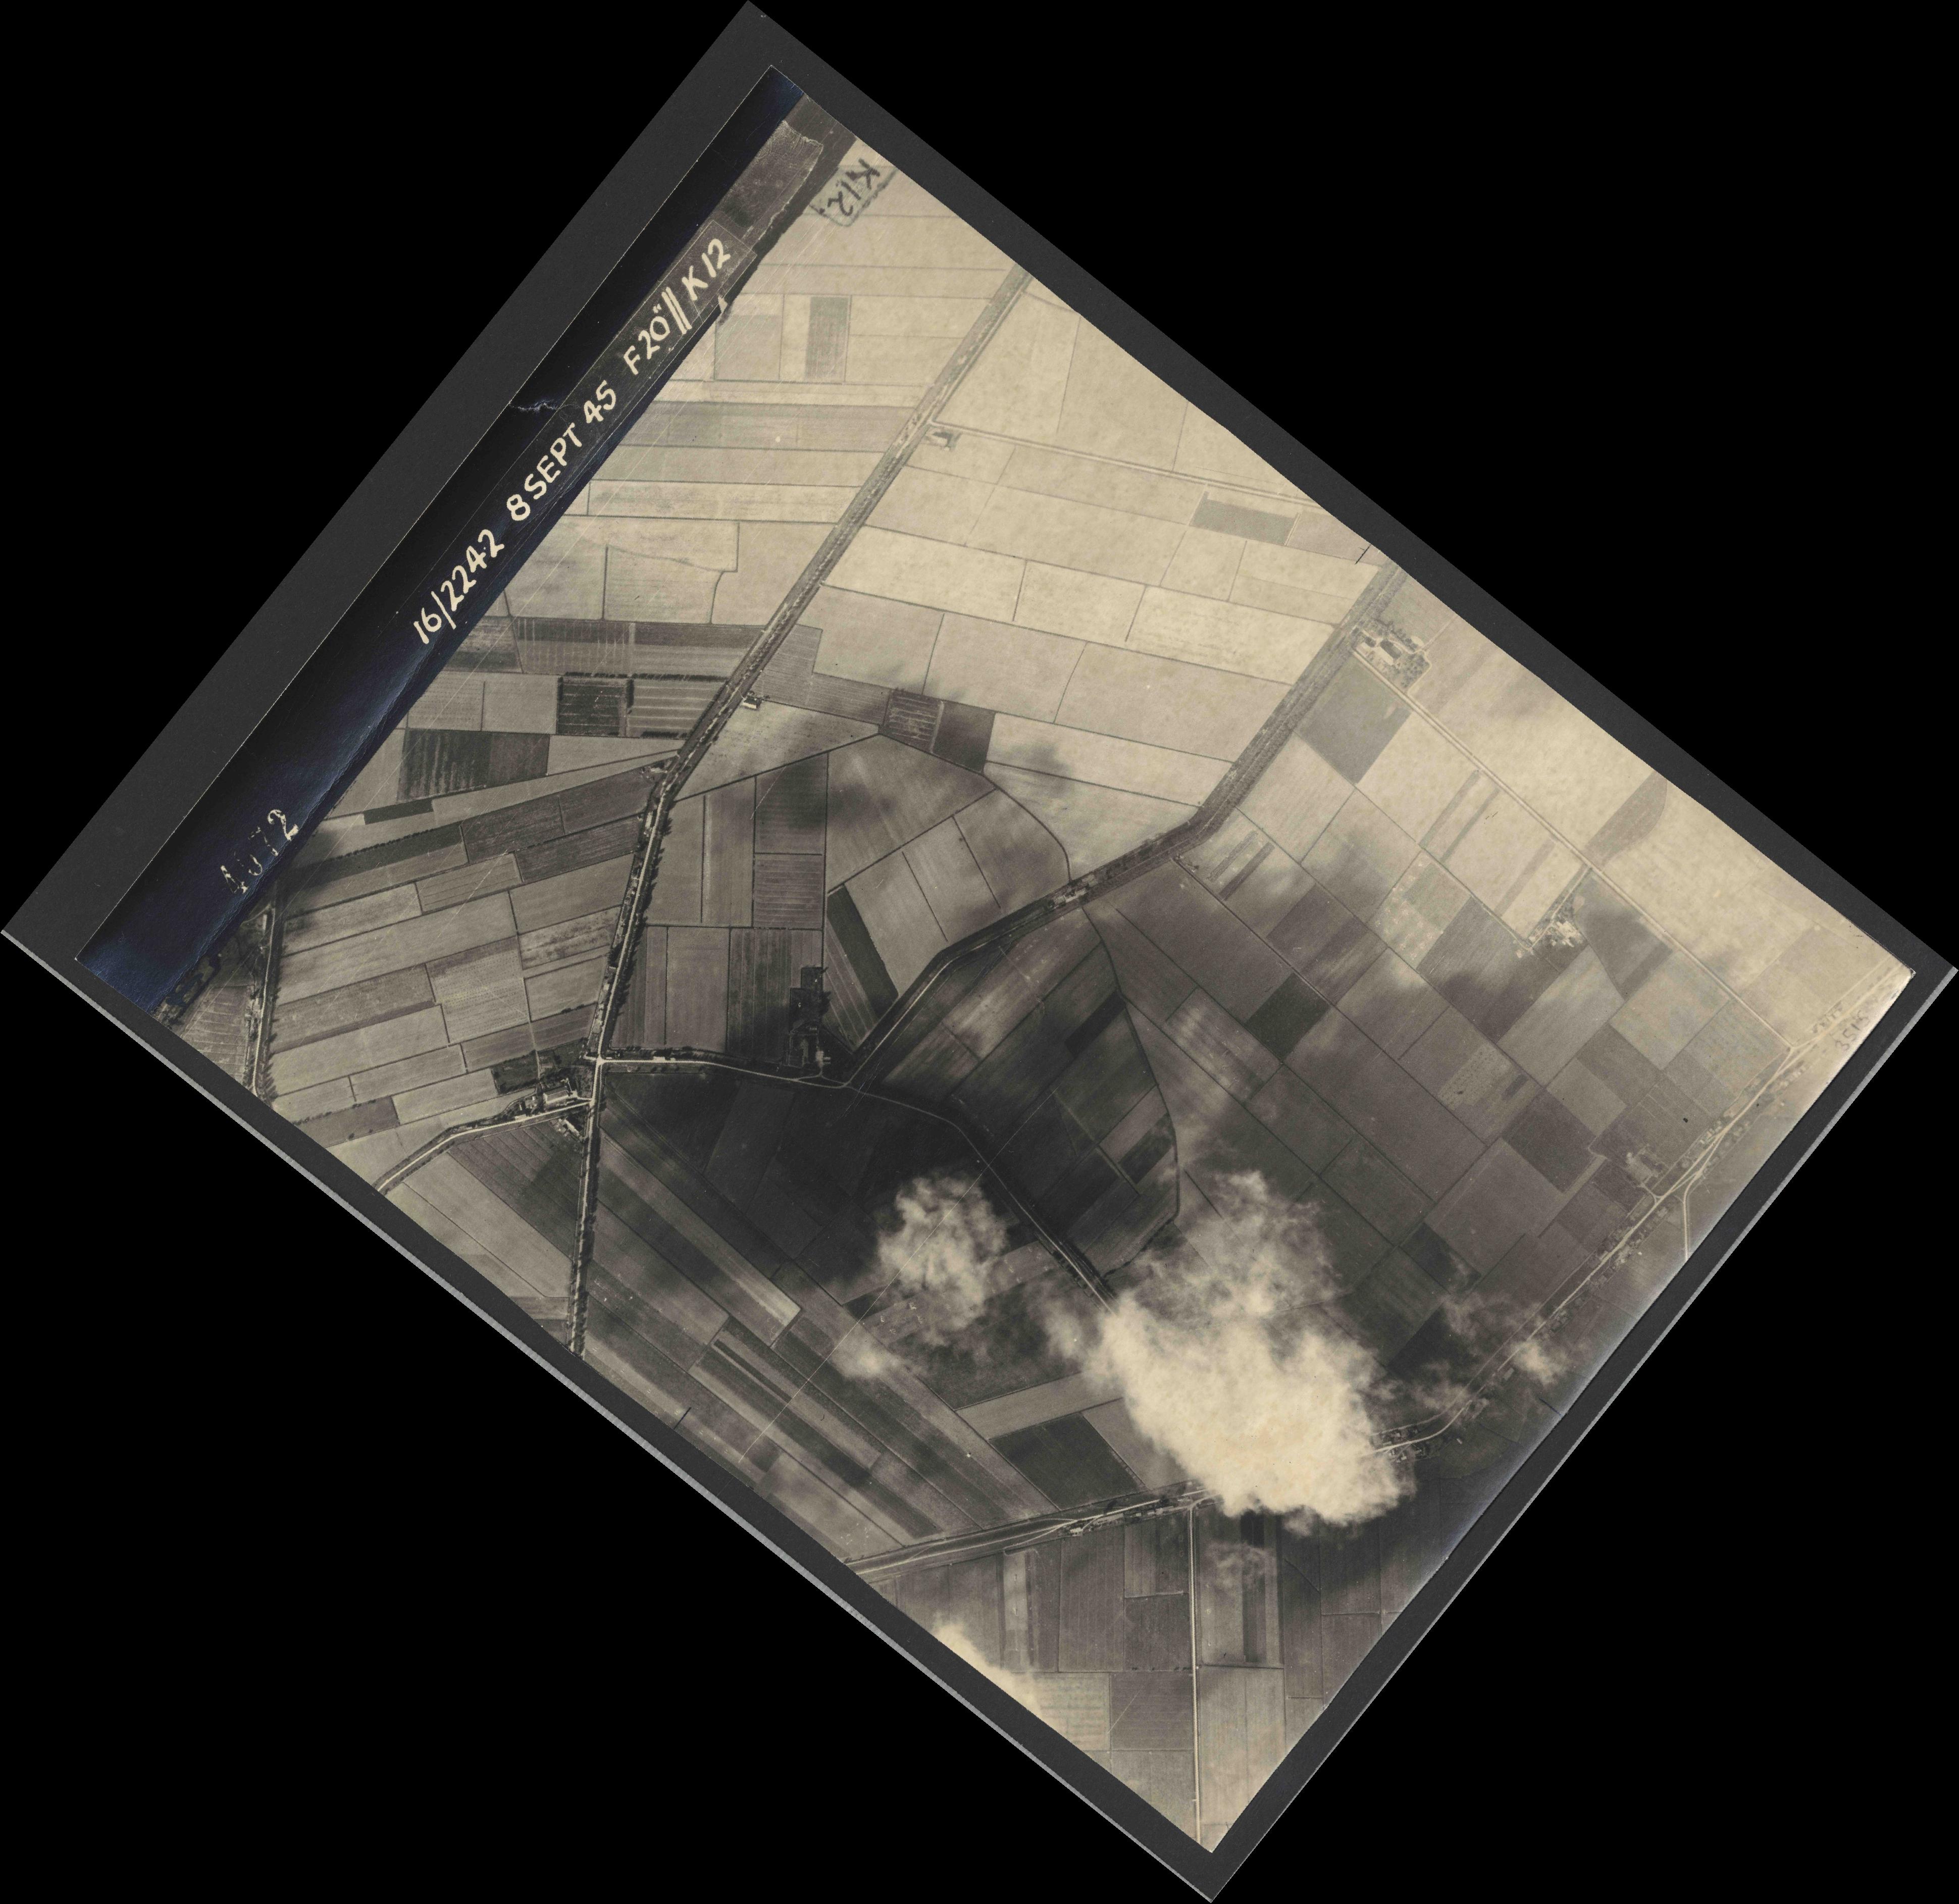 Collection RAF aerial photos 1940-1945 - flight 036, run 10, photo 4072